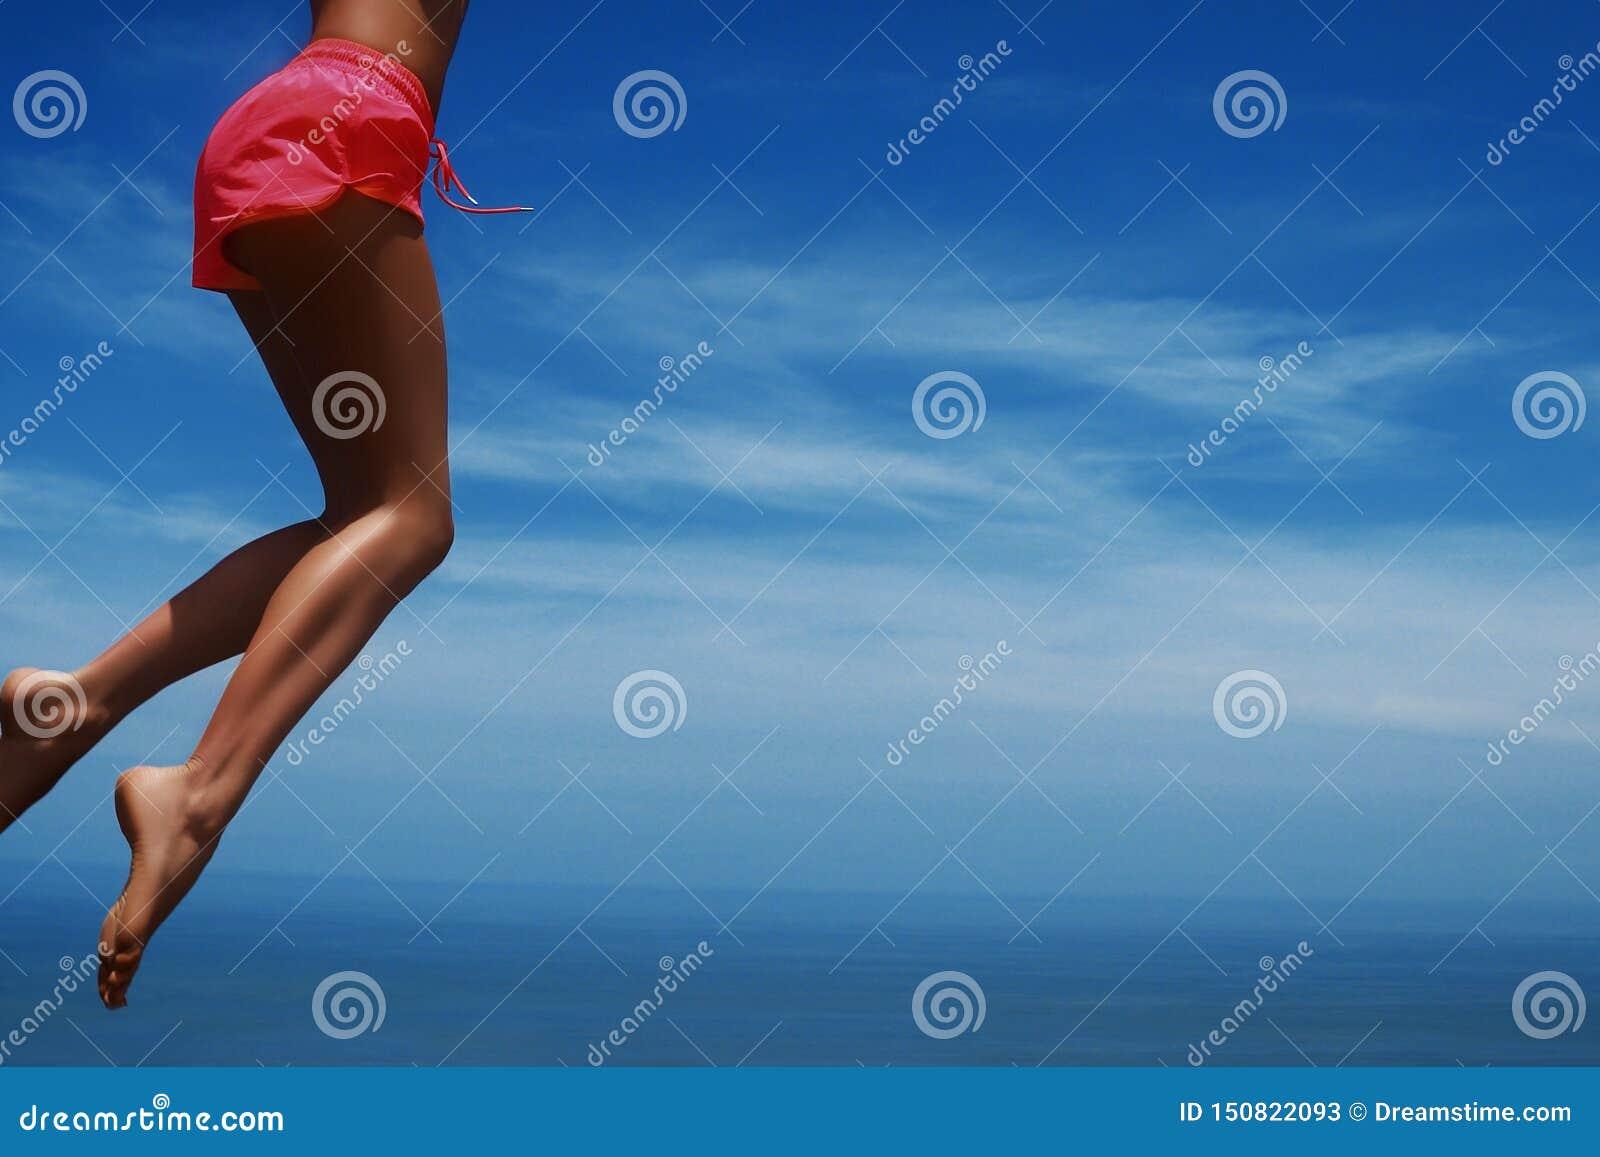 跳在热带海滩的年轻女人 天空蔚蓝和亭亭玉立的腿